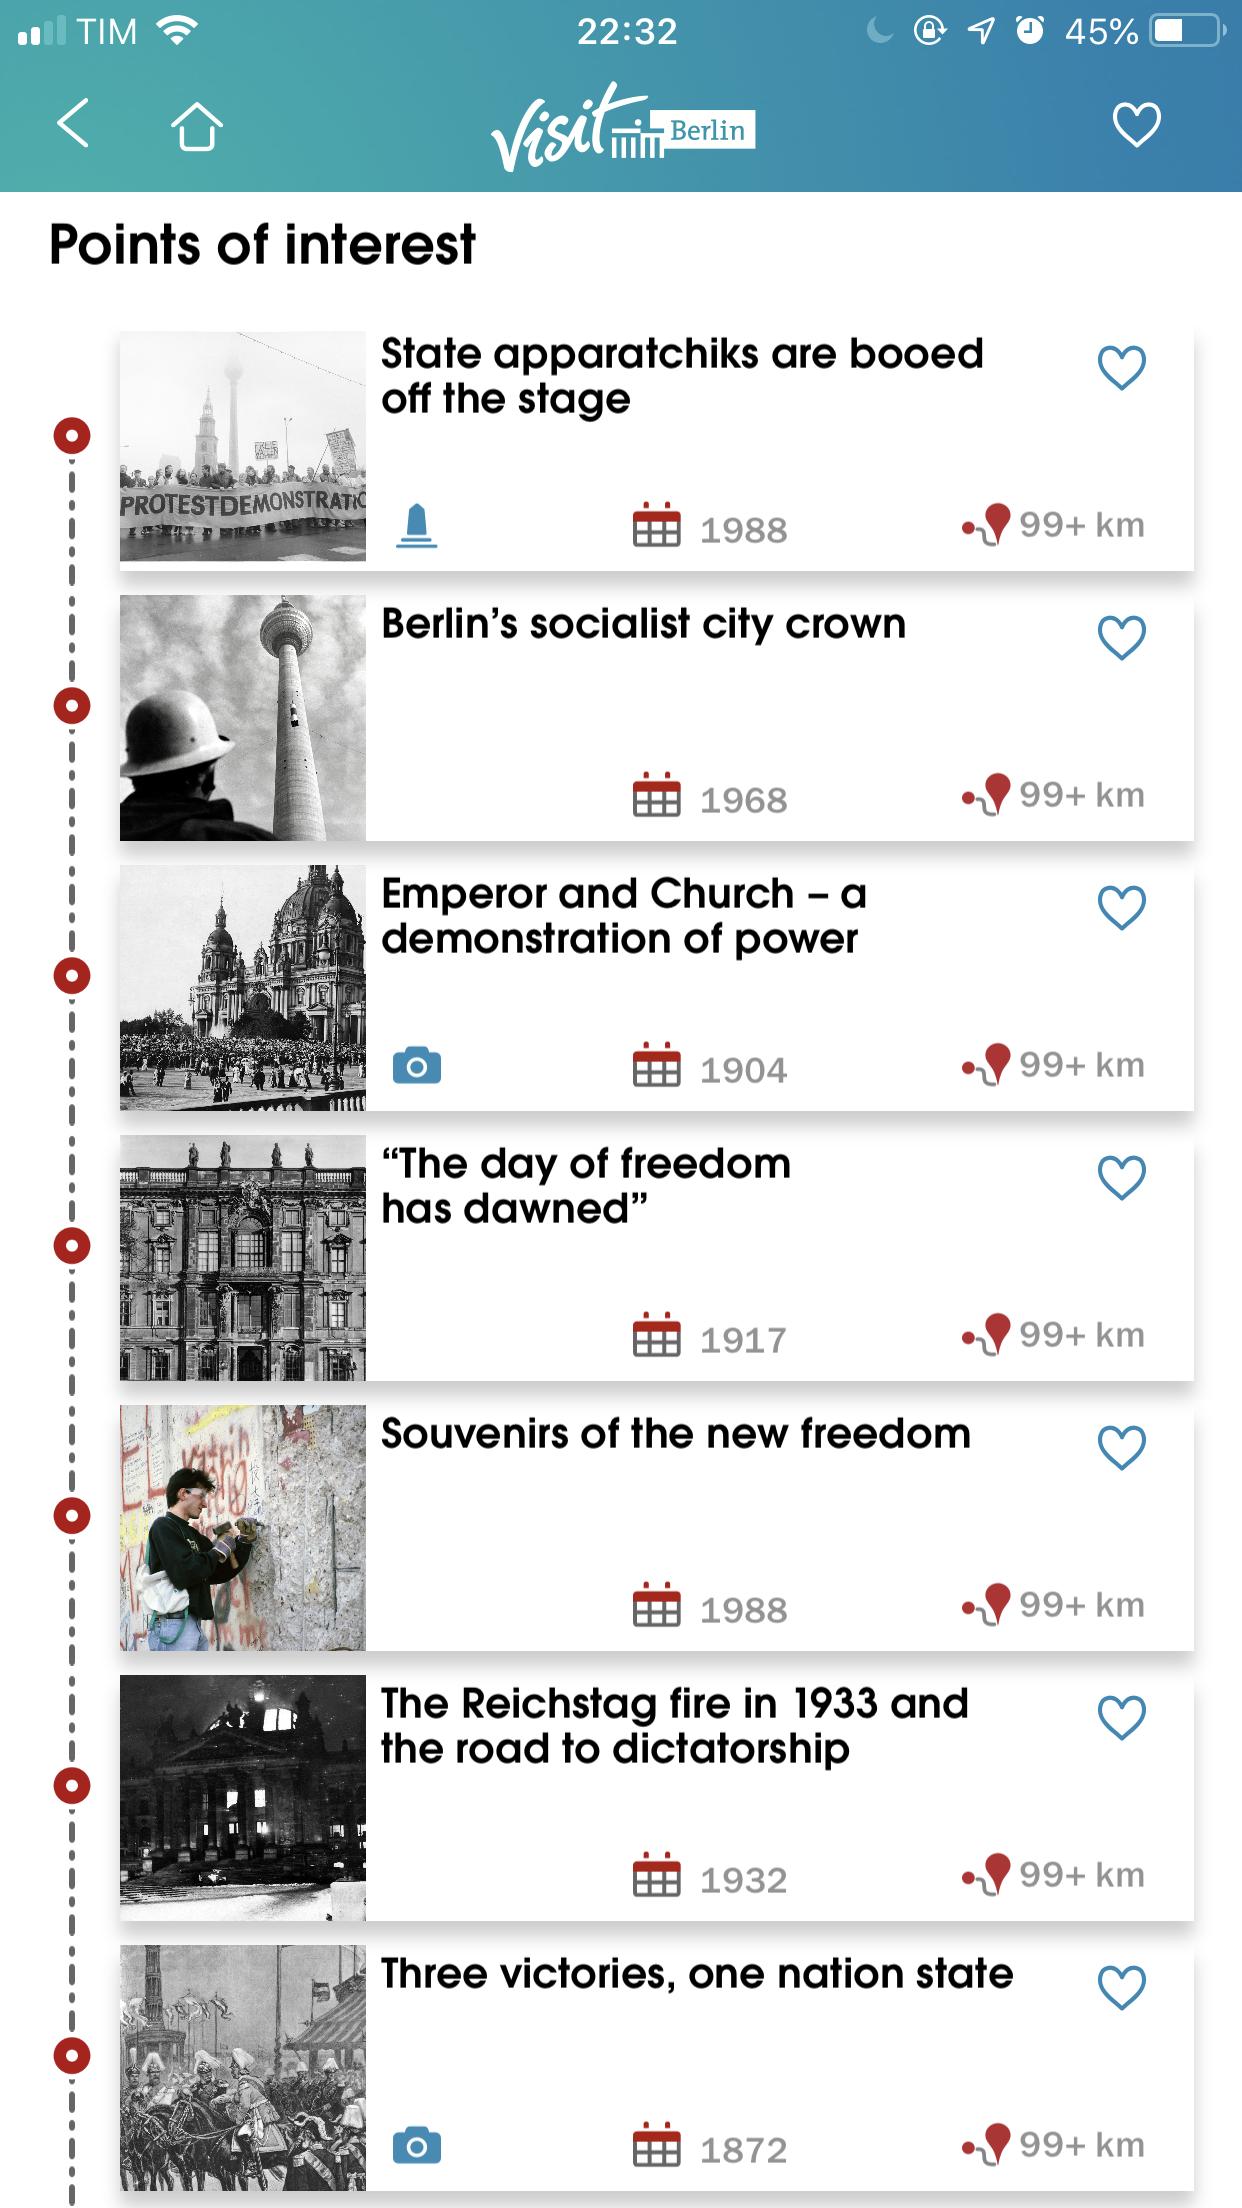 about-berlin-app